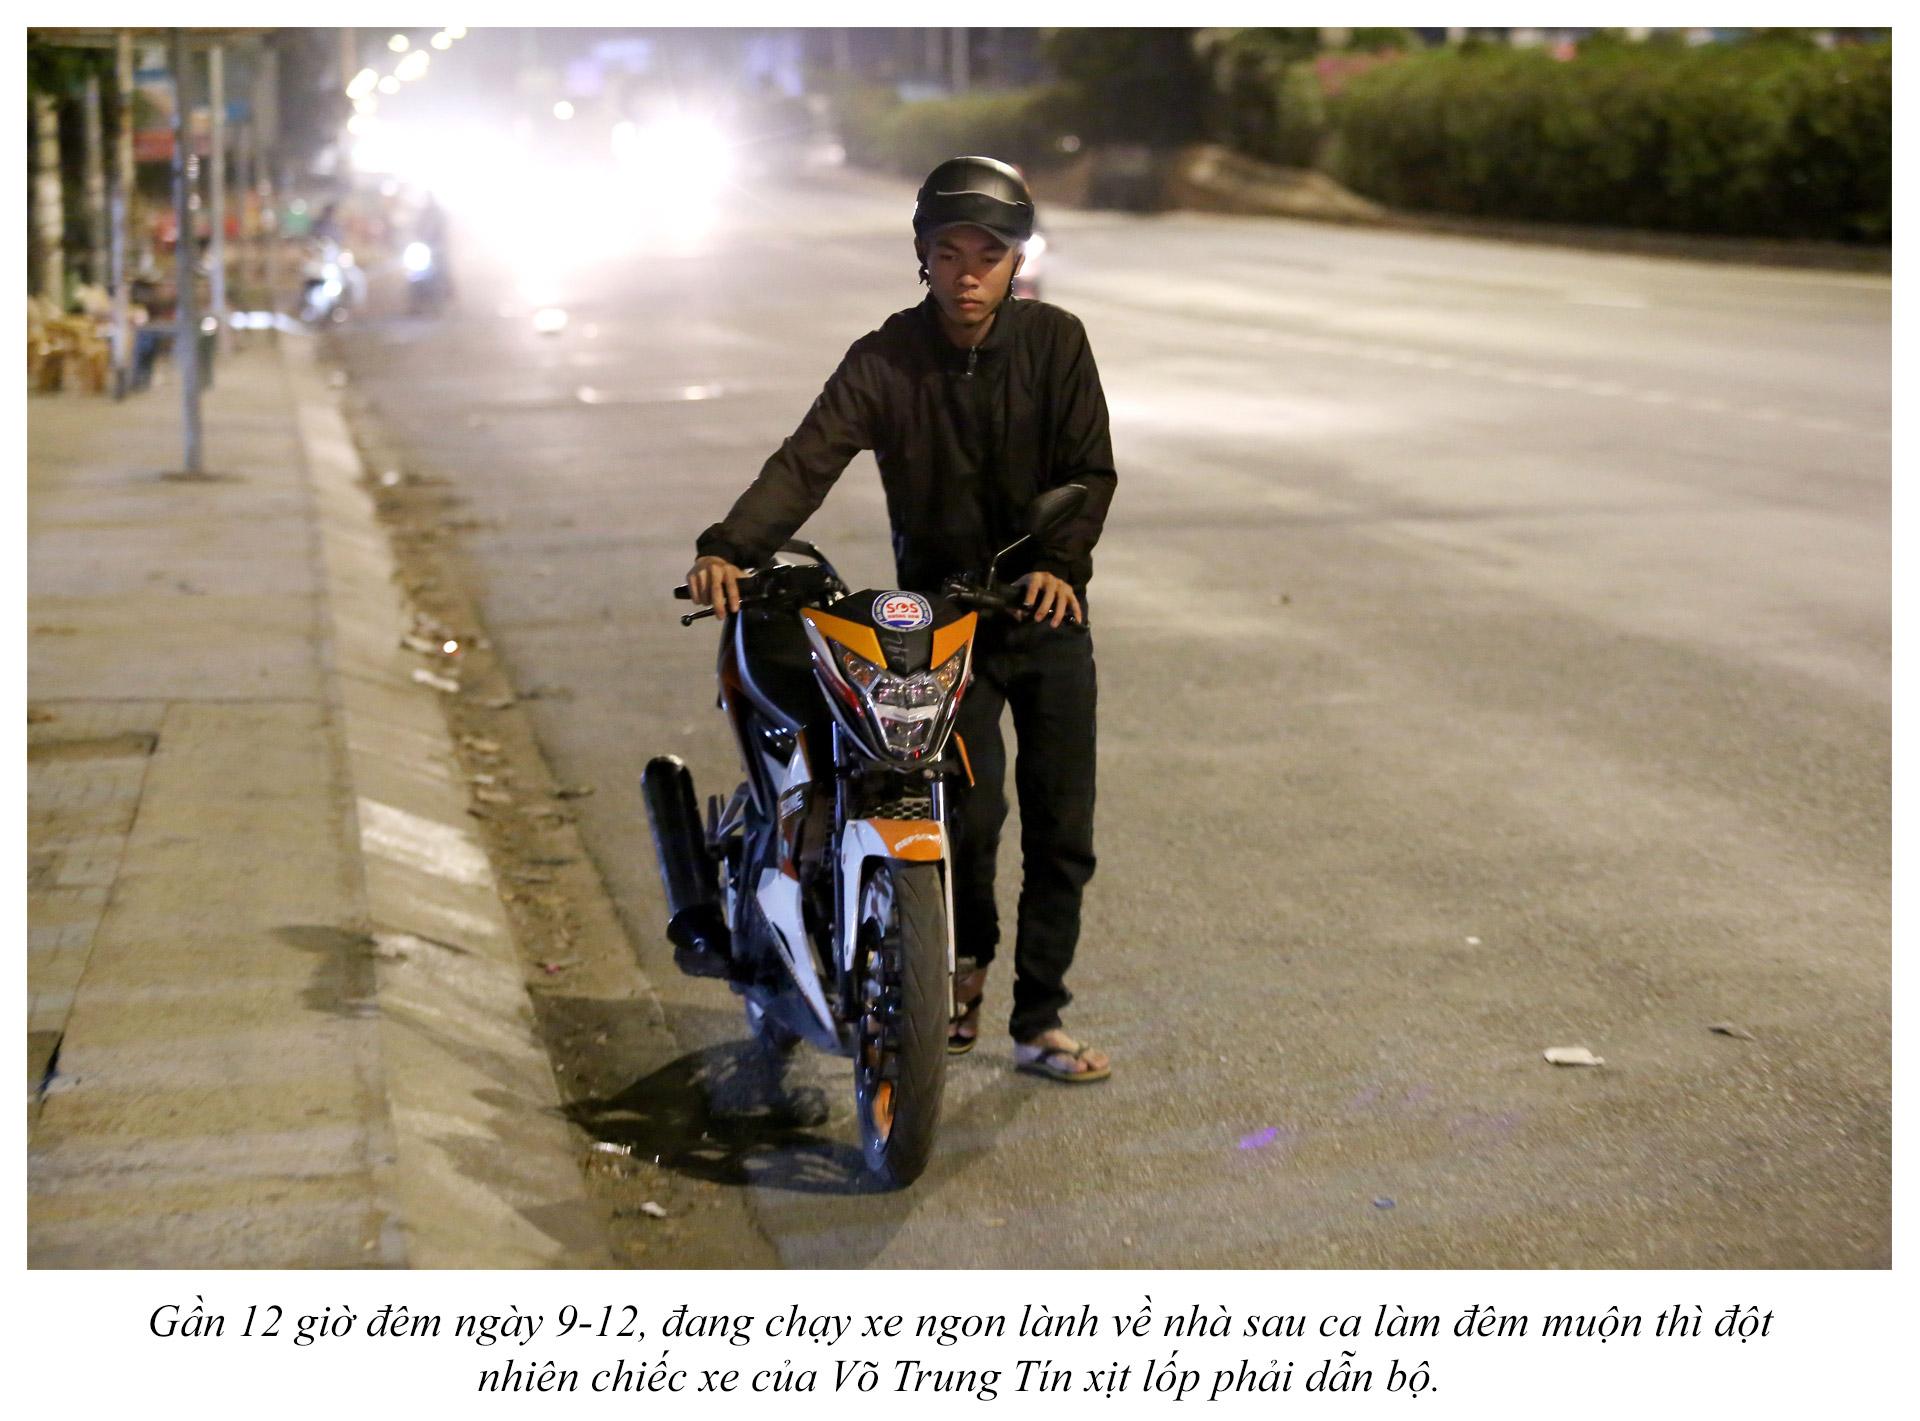 Biệt đội cứu hộ xuyên đêm miễn phí ở Sài Gòn - ảnh 2